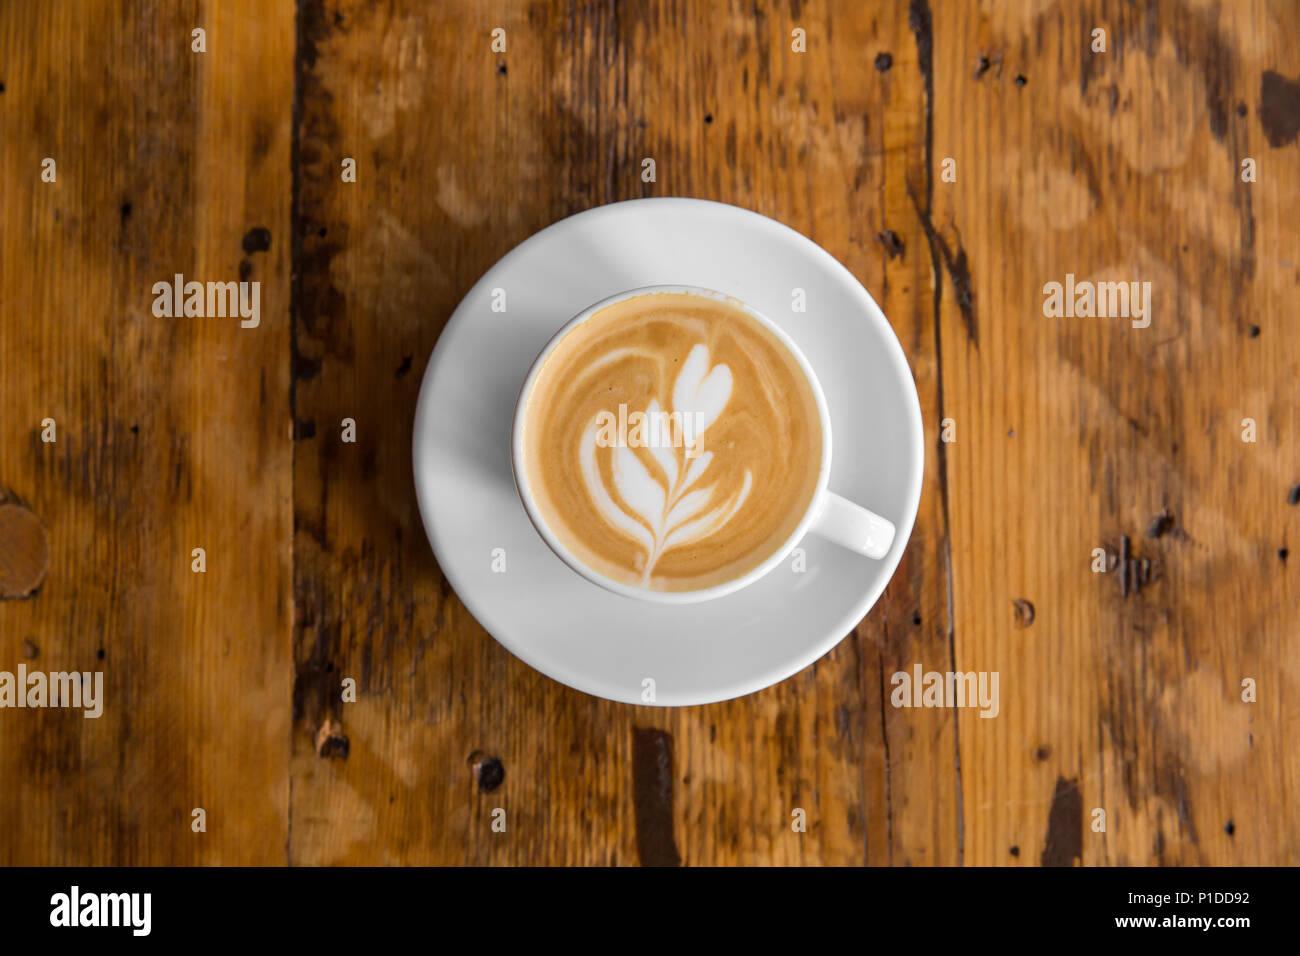 Tazza di caffè per andare sul tavolo di legno con latte art. Street caffè. Vista superiore Immagini Stock